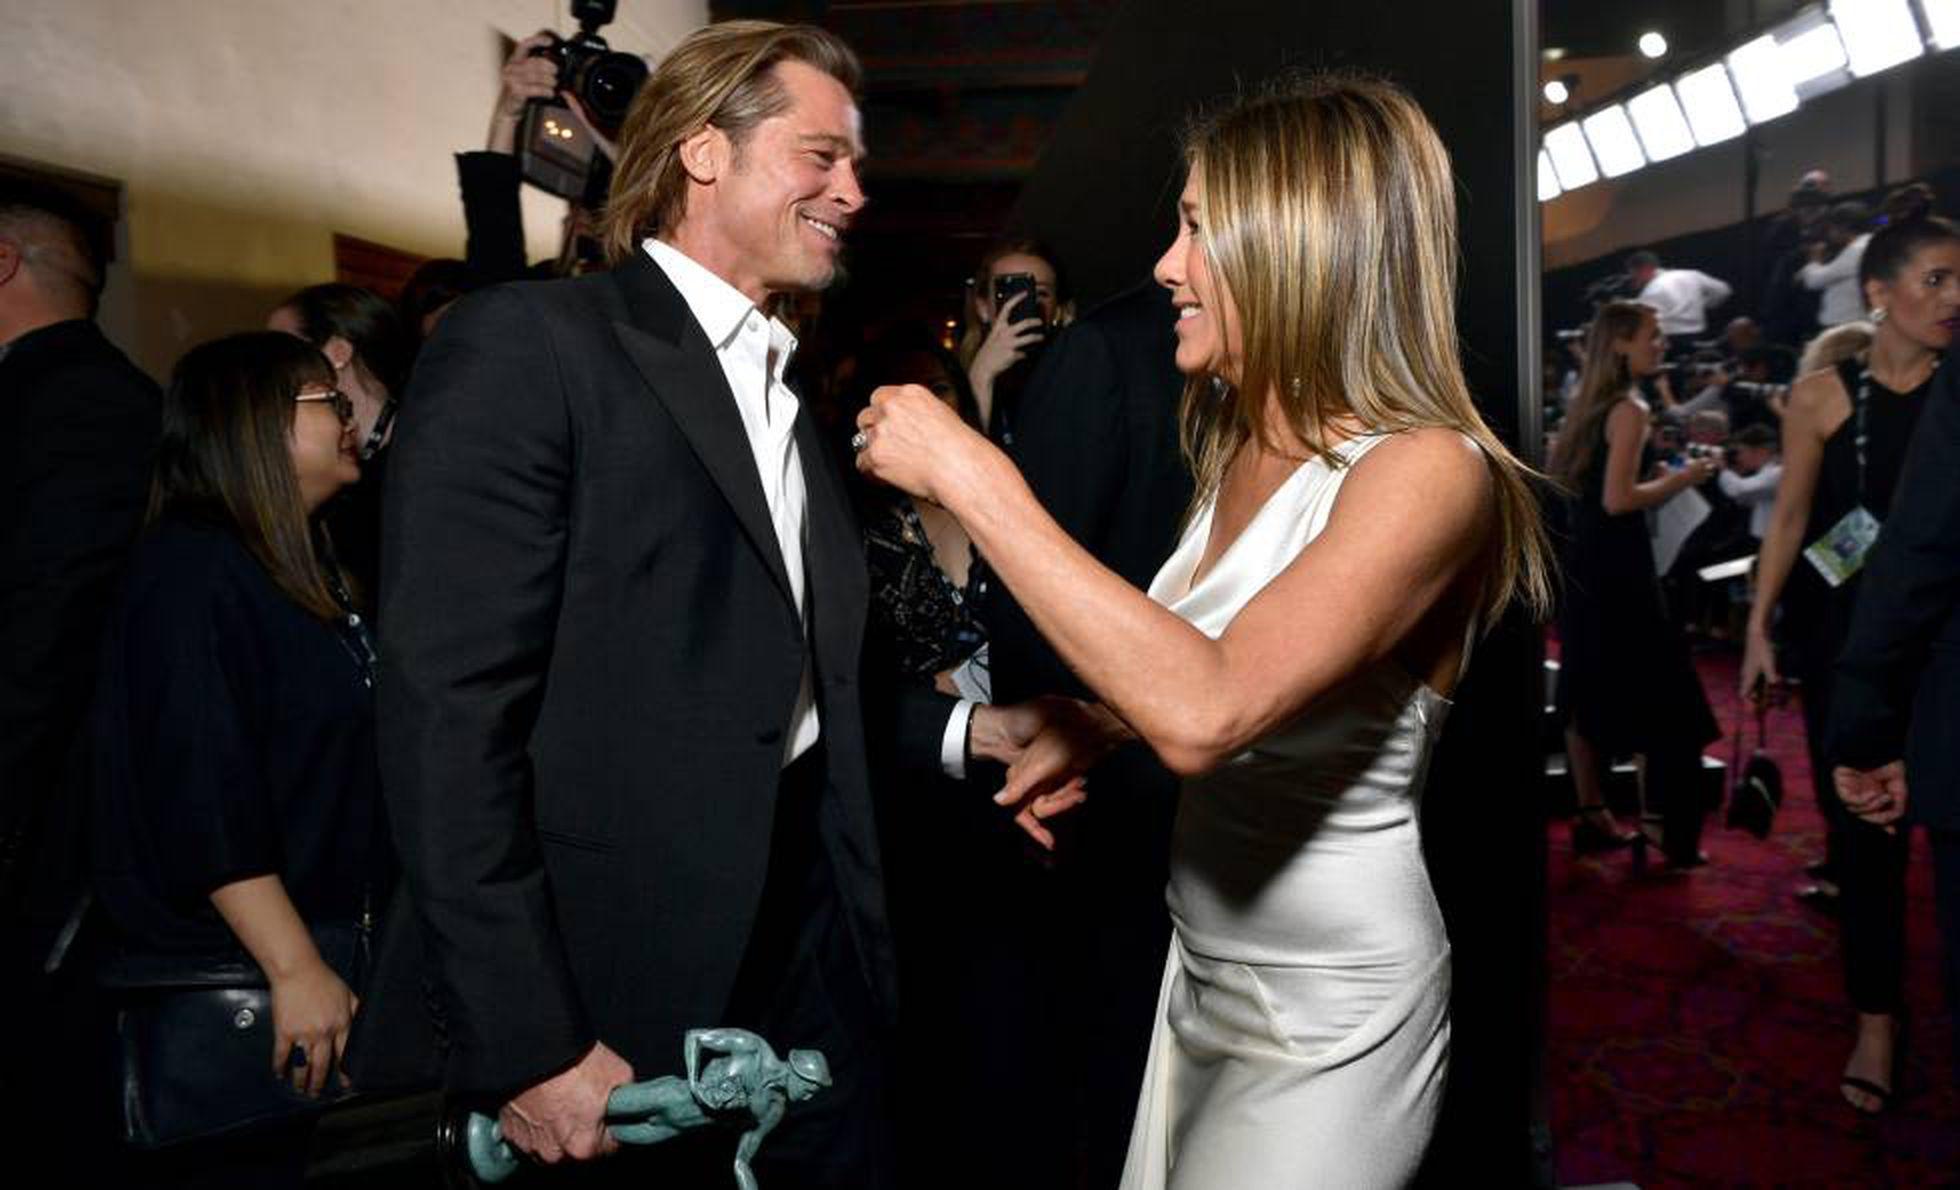 Brad Pitt y Jennifer Aniston: la historia detrás de la foto más buscada   Gente   EL PAÍS